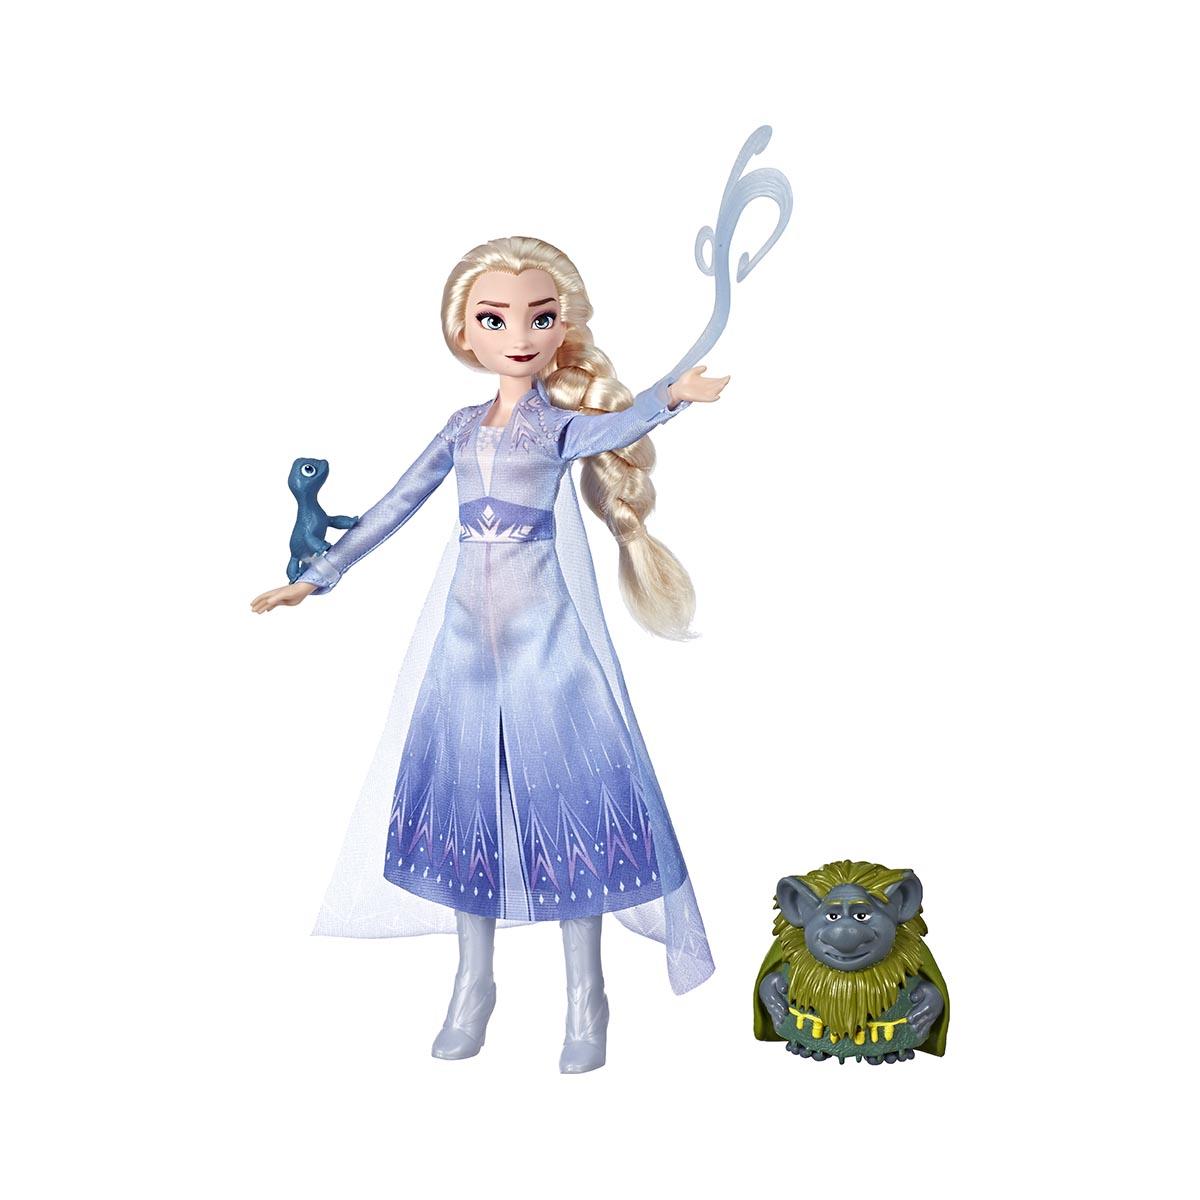 Papusa Elsa cu accesorii Disney Frozen 2